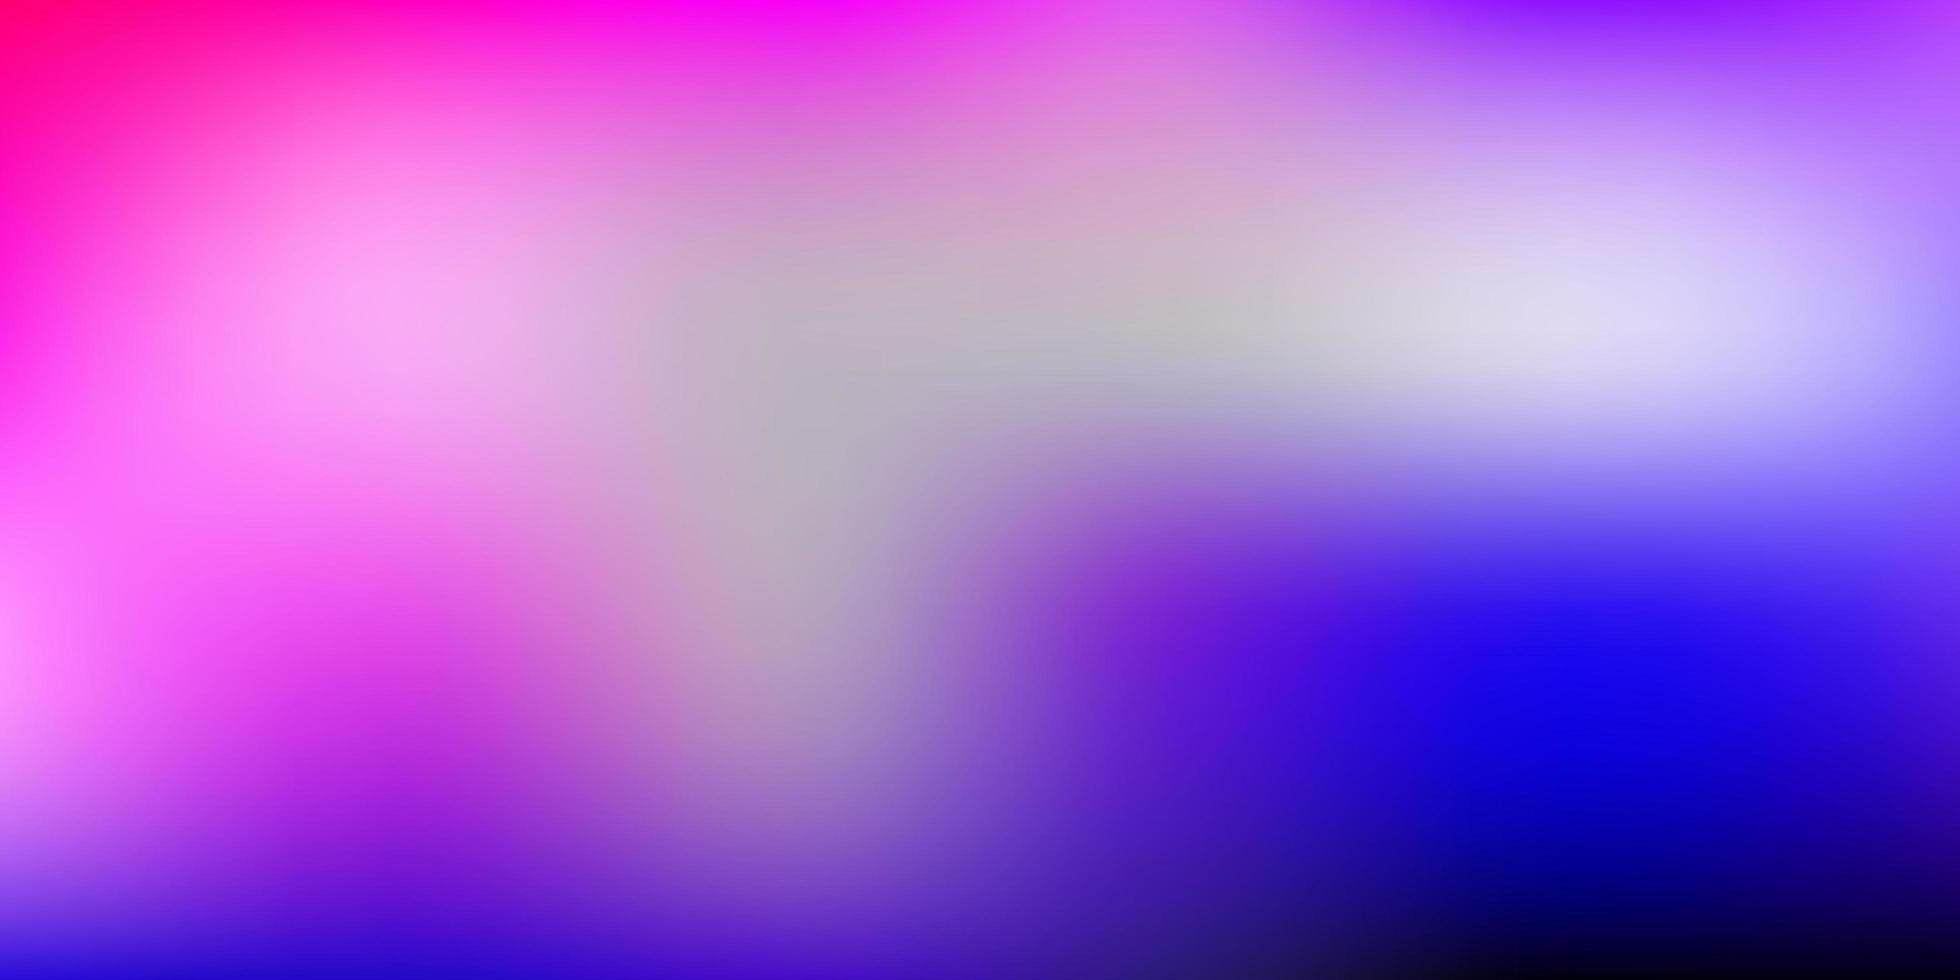 ljus lila, rosa vektor gradient oskärpa mönster.